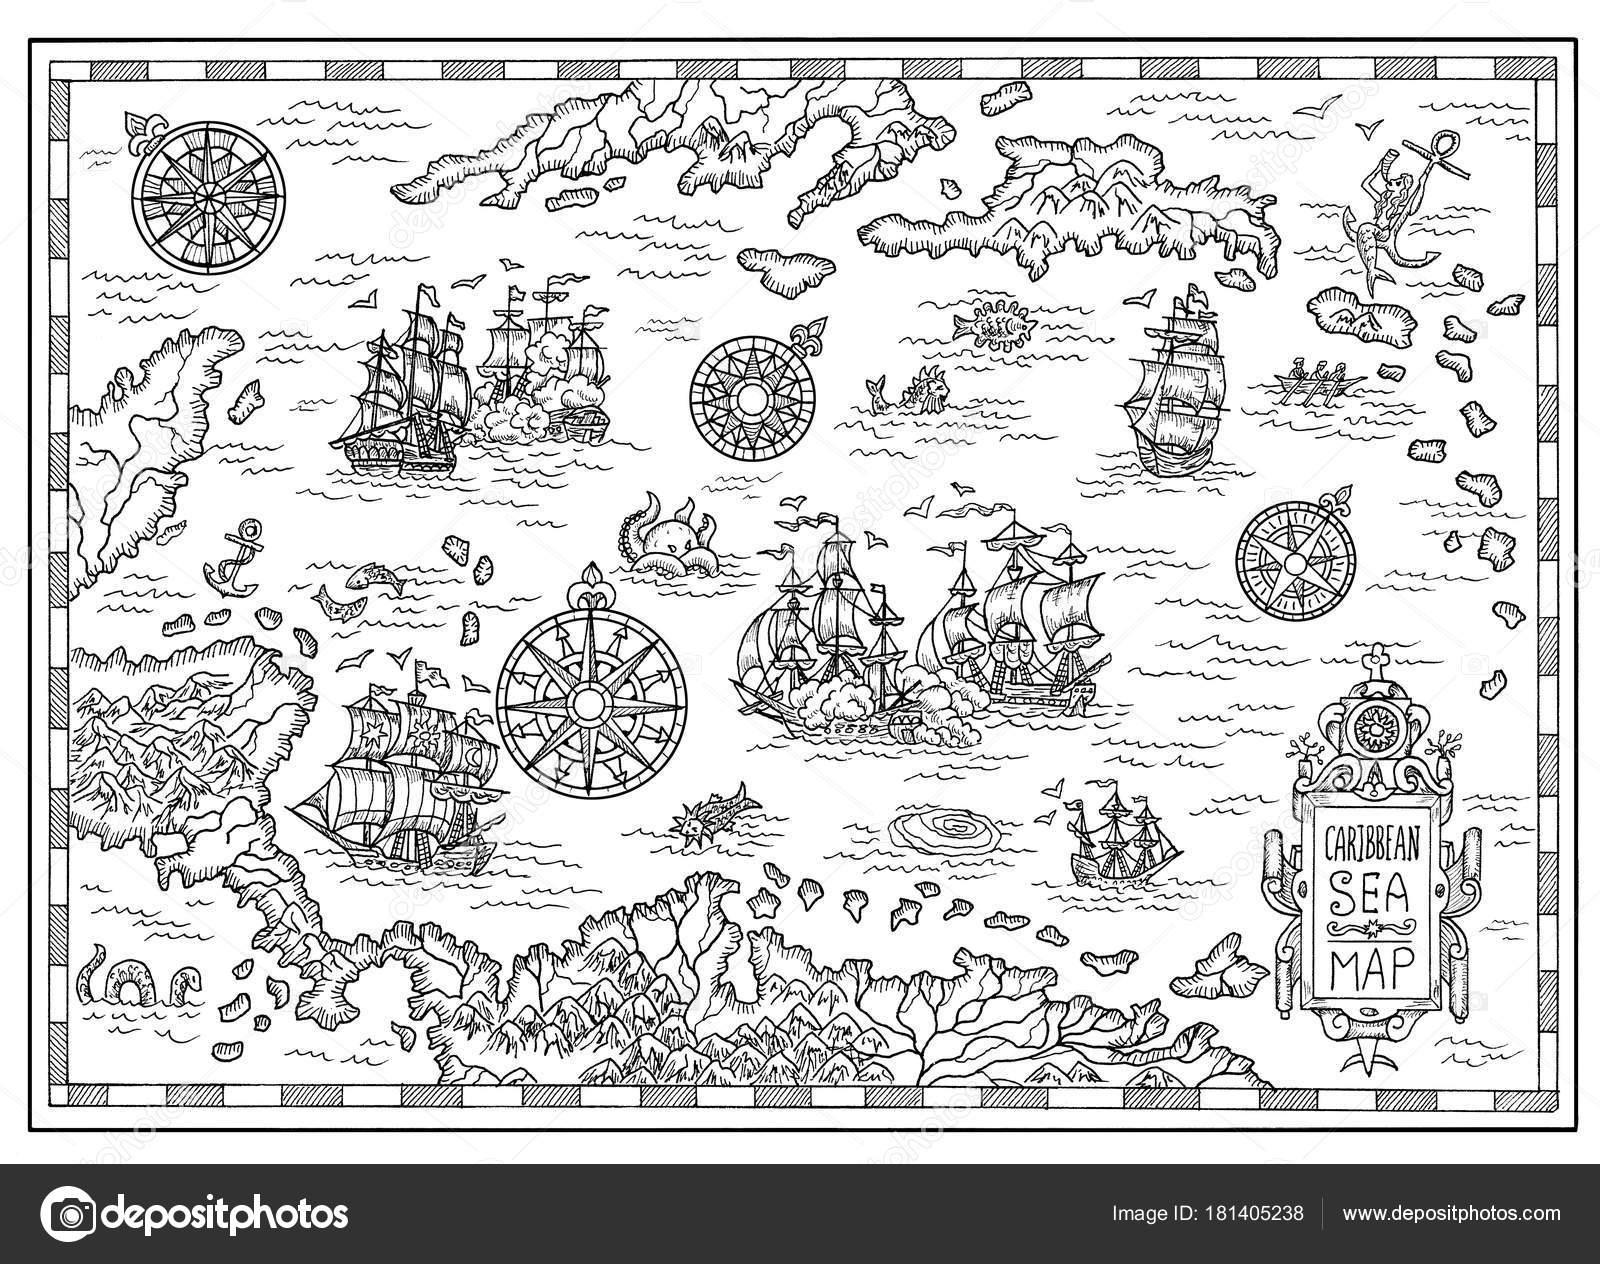 Carte Au Tresor Noir Et Blanc.Carte Pirate Noir Blanc Mer Des Caraibes Avec Vieux